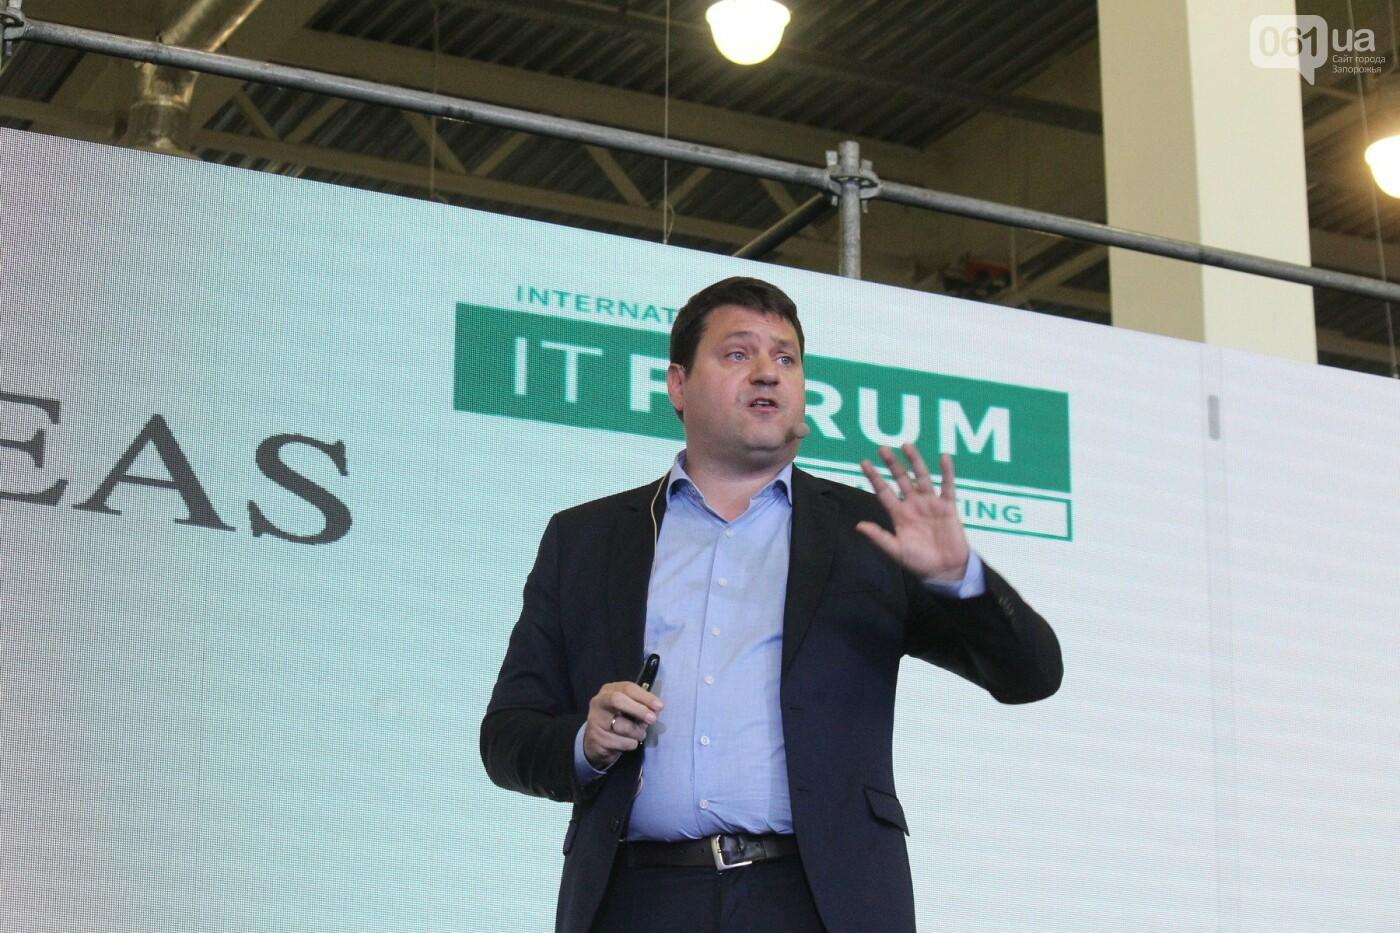 Роботы, киберспорт и спикеры-иностранцы: в Запорожье начался International IT Forum, – ФОТОРЕПОРТАЖ, фото-24